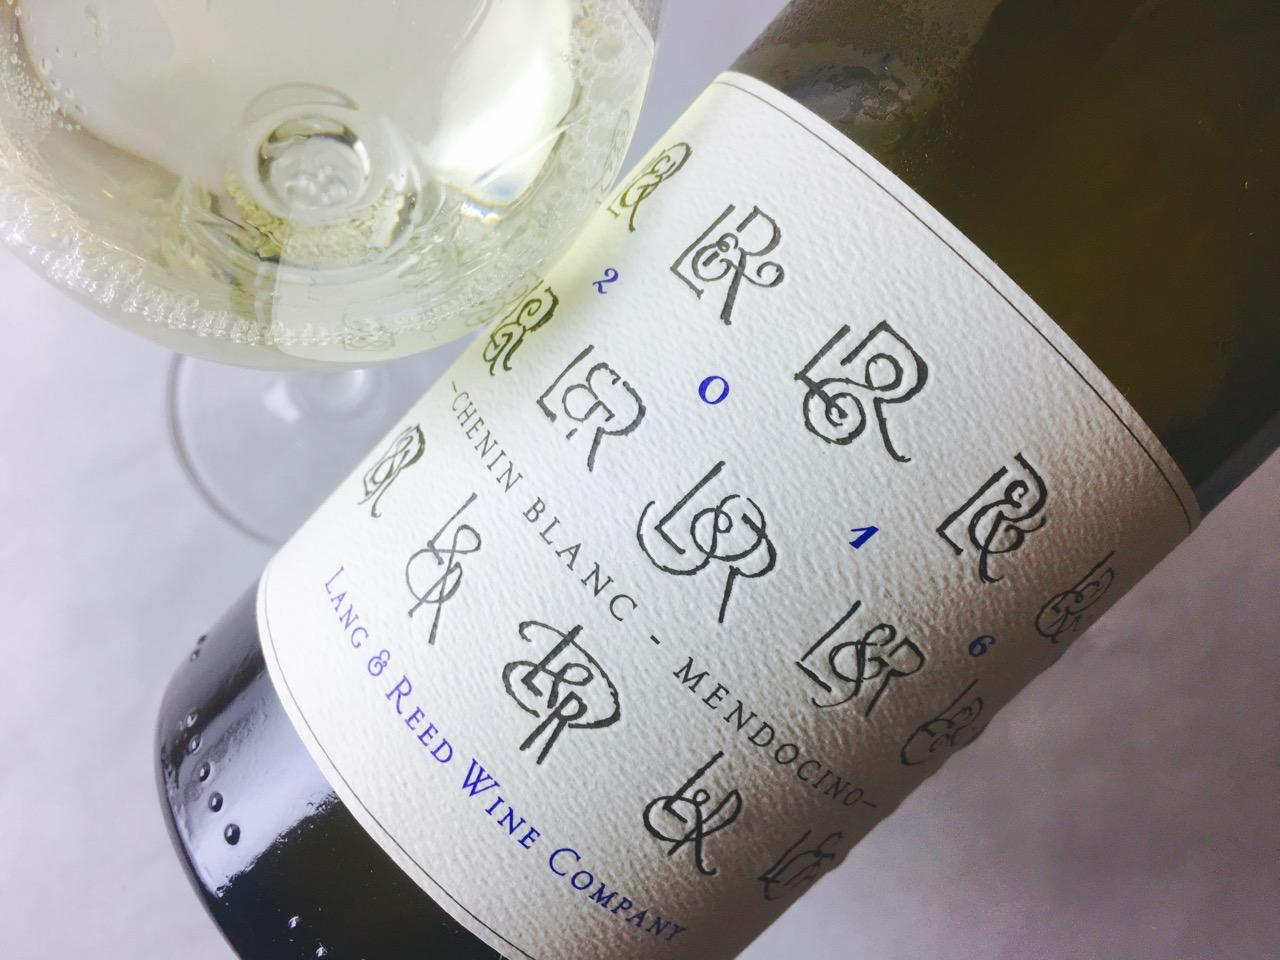 2016 Lang & Reed Chenin Blanc Mendocino